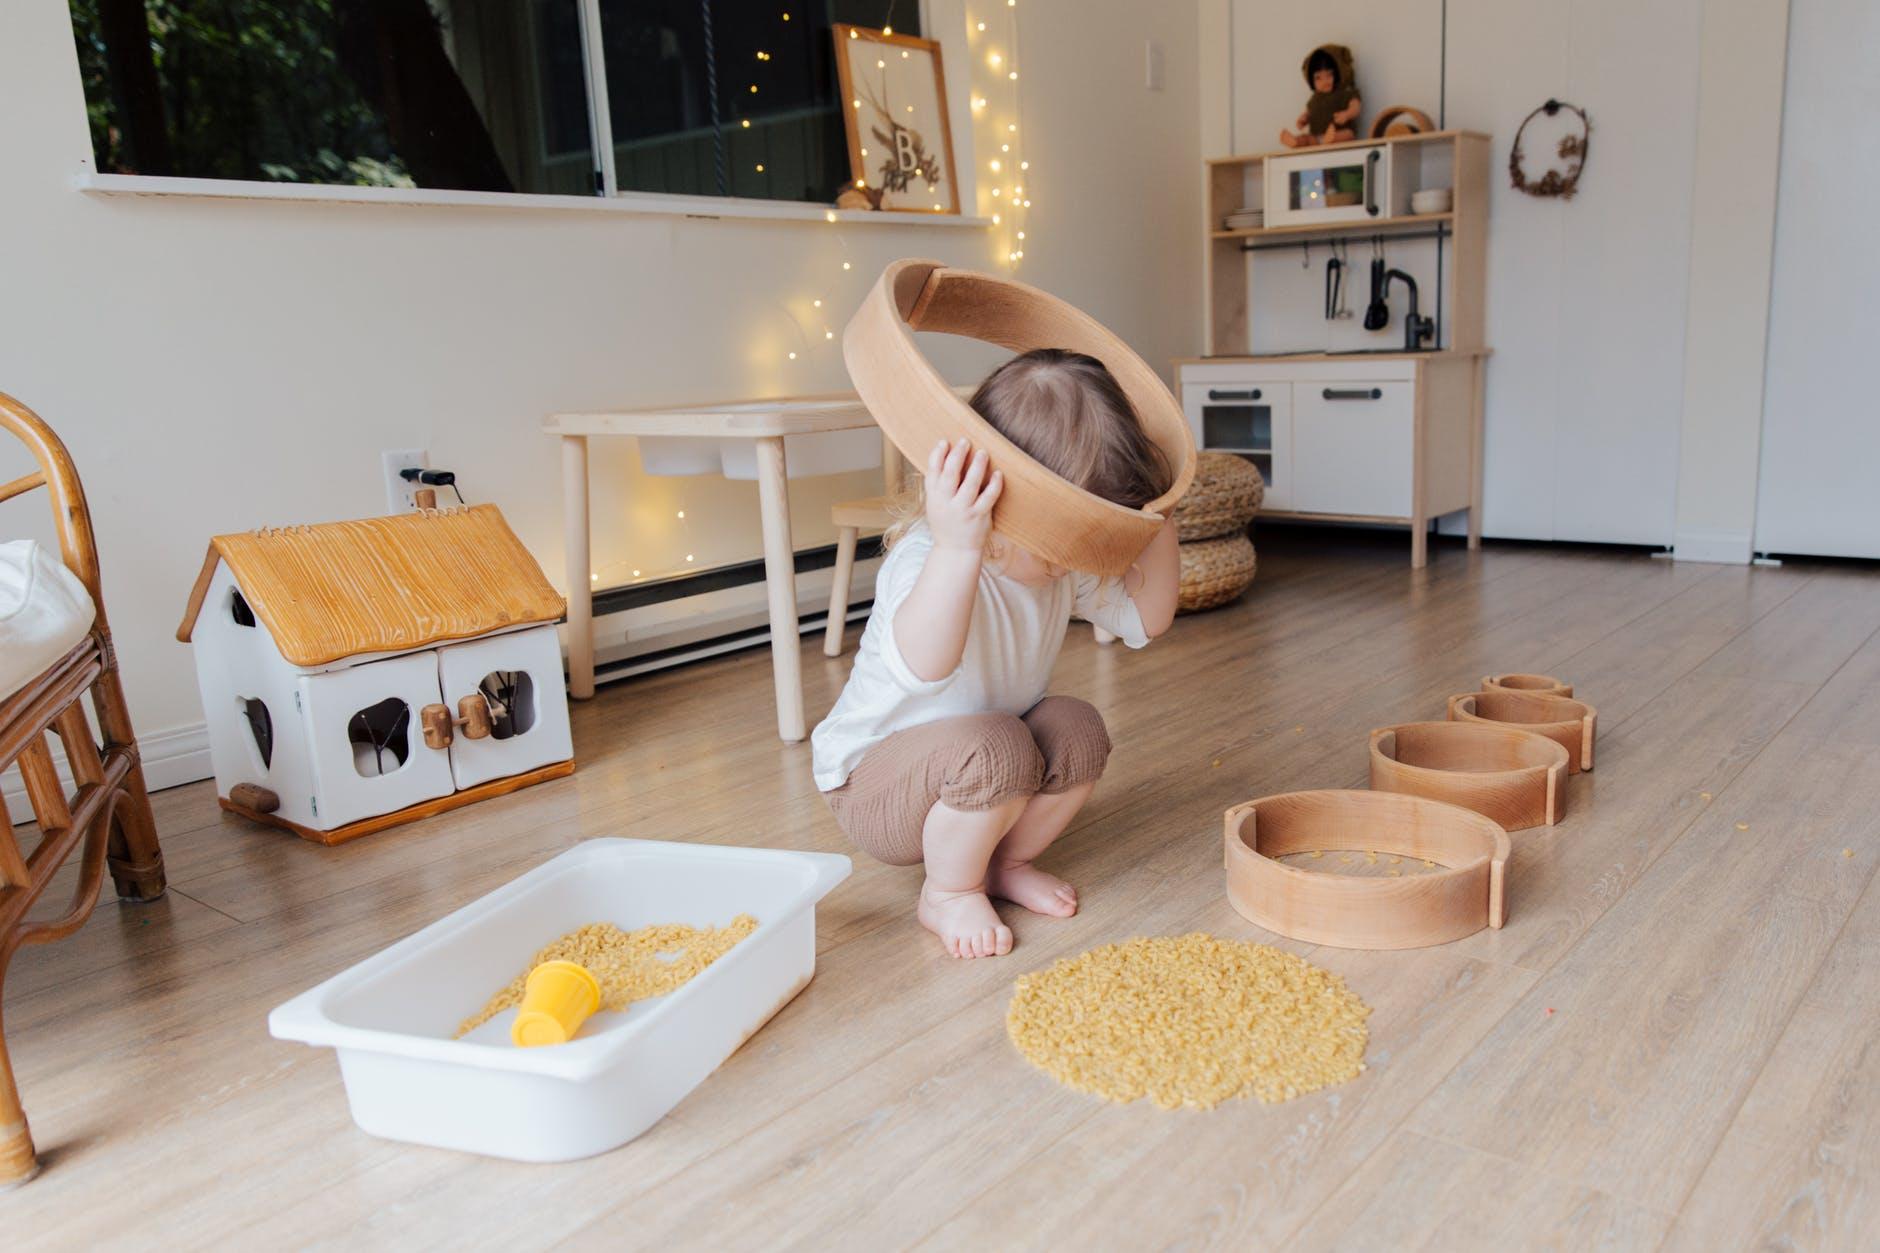 超有趣大地遊戲—蘿蔔蹲